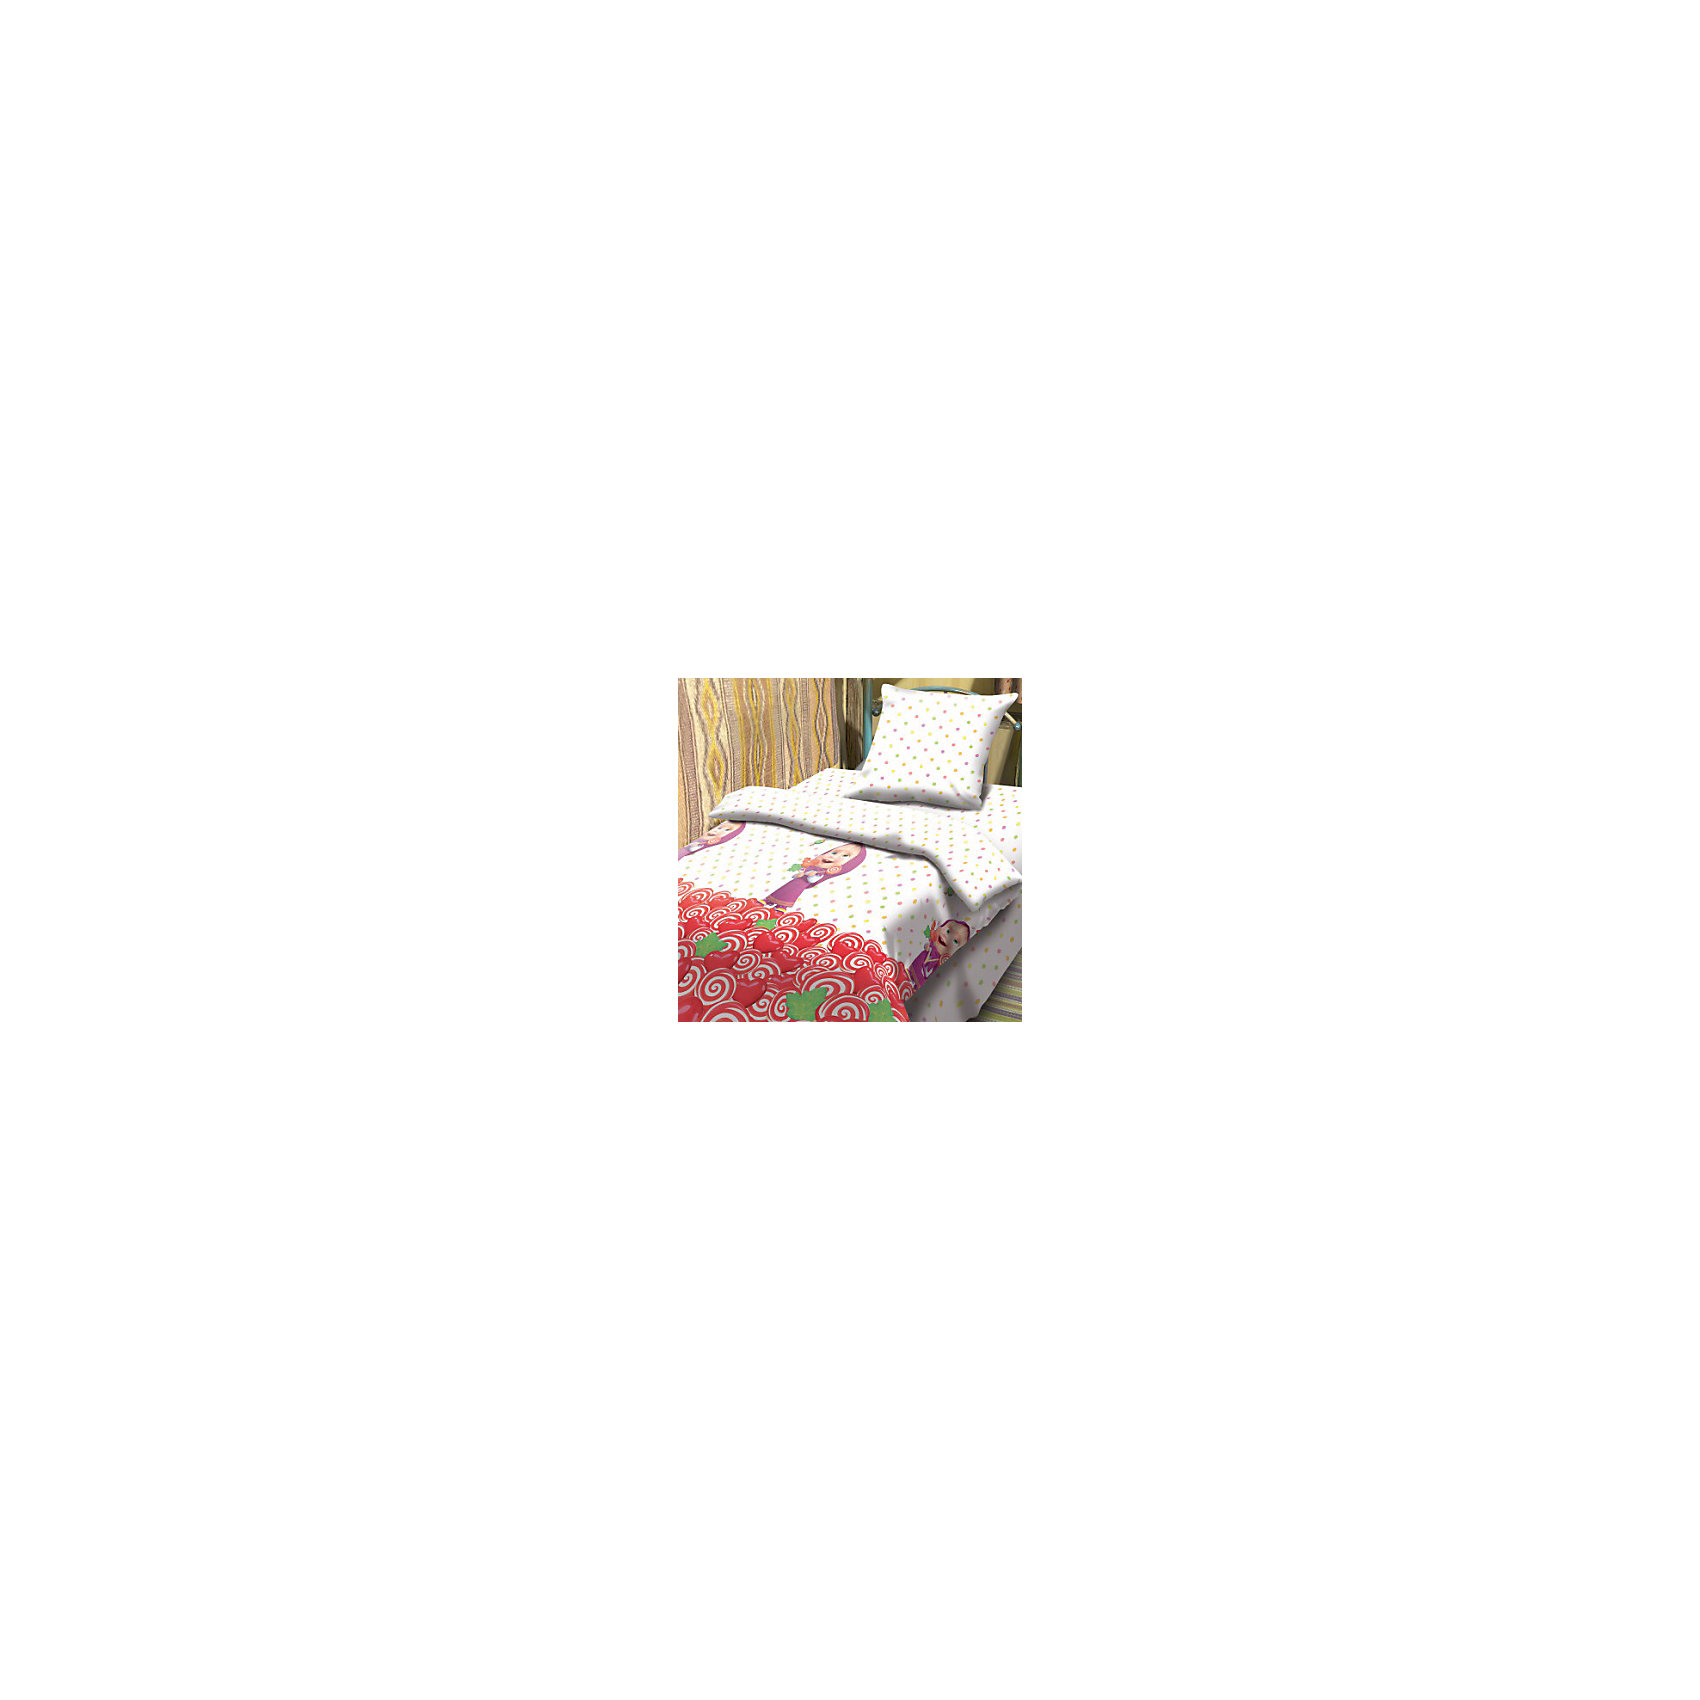 Детский комплект Сластена, Маша и МедведьС комплектом постельного белья Сластена, Маша и Медведь, Ваша девочка с удовольствием будет укладываться в свою кроватку и видеть чудесные сказочные сны. Красочный комплект из качественной плотной бязи украшен изображениями веселой девочки Маши, героини популярного мультсериала Маша и Медведь. Материал представляет собой качественную плотную бязь, очень комфортную и приятную на ощупь. Ткань отвечает всем экологическим нормам безопасности, дышащая, гипоаллергенная, не нарушает естественные процессы терморегуляции. При стирке белье не линяет, не деформируется и не теряет своих красок даже после многочисленных стирок.<br><br>Дополнительная информация:<br><br>- Цвет: белый с рисунком.<br>- Тип ткани: Бязь (100% хлопок).<br>- В комплекте: 1 наволочка, 1 пододеяльник и 1 простыня.<br>- Размер пододеяльника: 147 х 112 см.<br>- Размер наволочки: 40 х 60 см.<br>- Размер простыни: 150 х 110 см.<br>- Размер упаковки: 25 х 7 х 35 см.<br>- Вес: 0,8 кг. <br><br>Детский комплект Сластена, Маша и Медведь, можно приобрести в нашем интернет-магазине.<br><br>Ширина мм: 250<br>Глубина мм: 350<br>Высота мм: 70<br>Вес г: 800<br>Возраст от месяцев: 0<br>Возраст до месяцев: 60<br>Пол: Женский<br>Возраст: Детский<br>SKU: 4053615